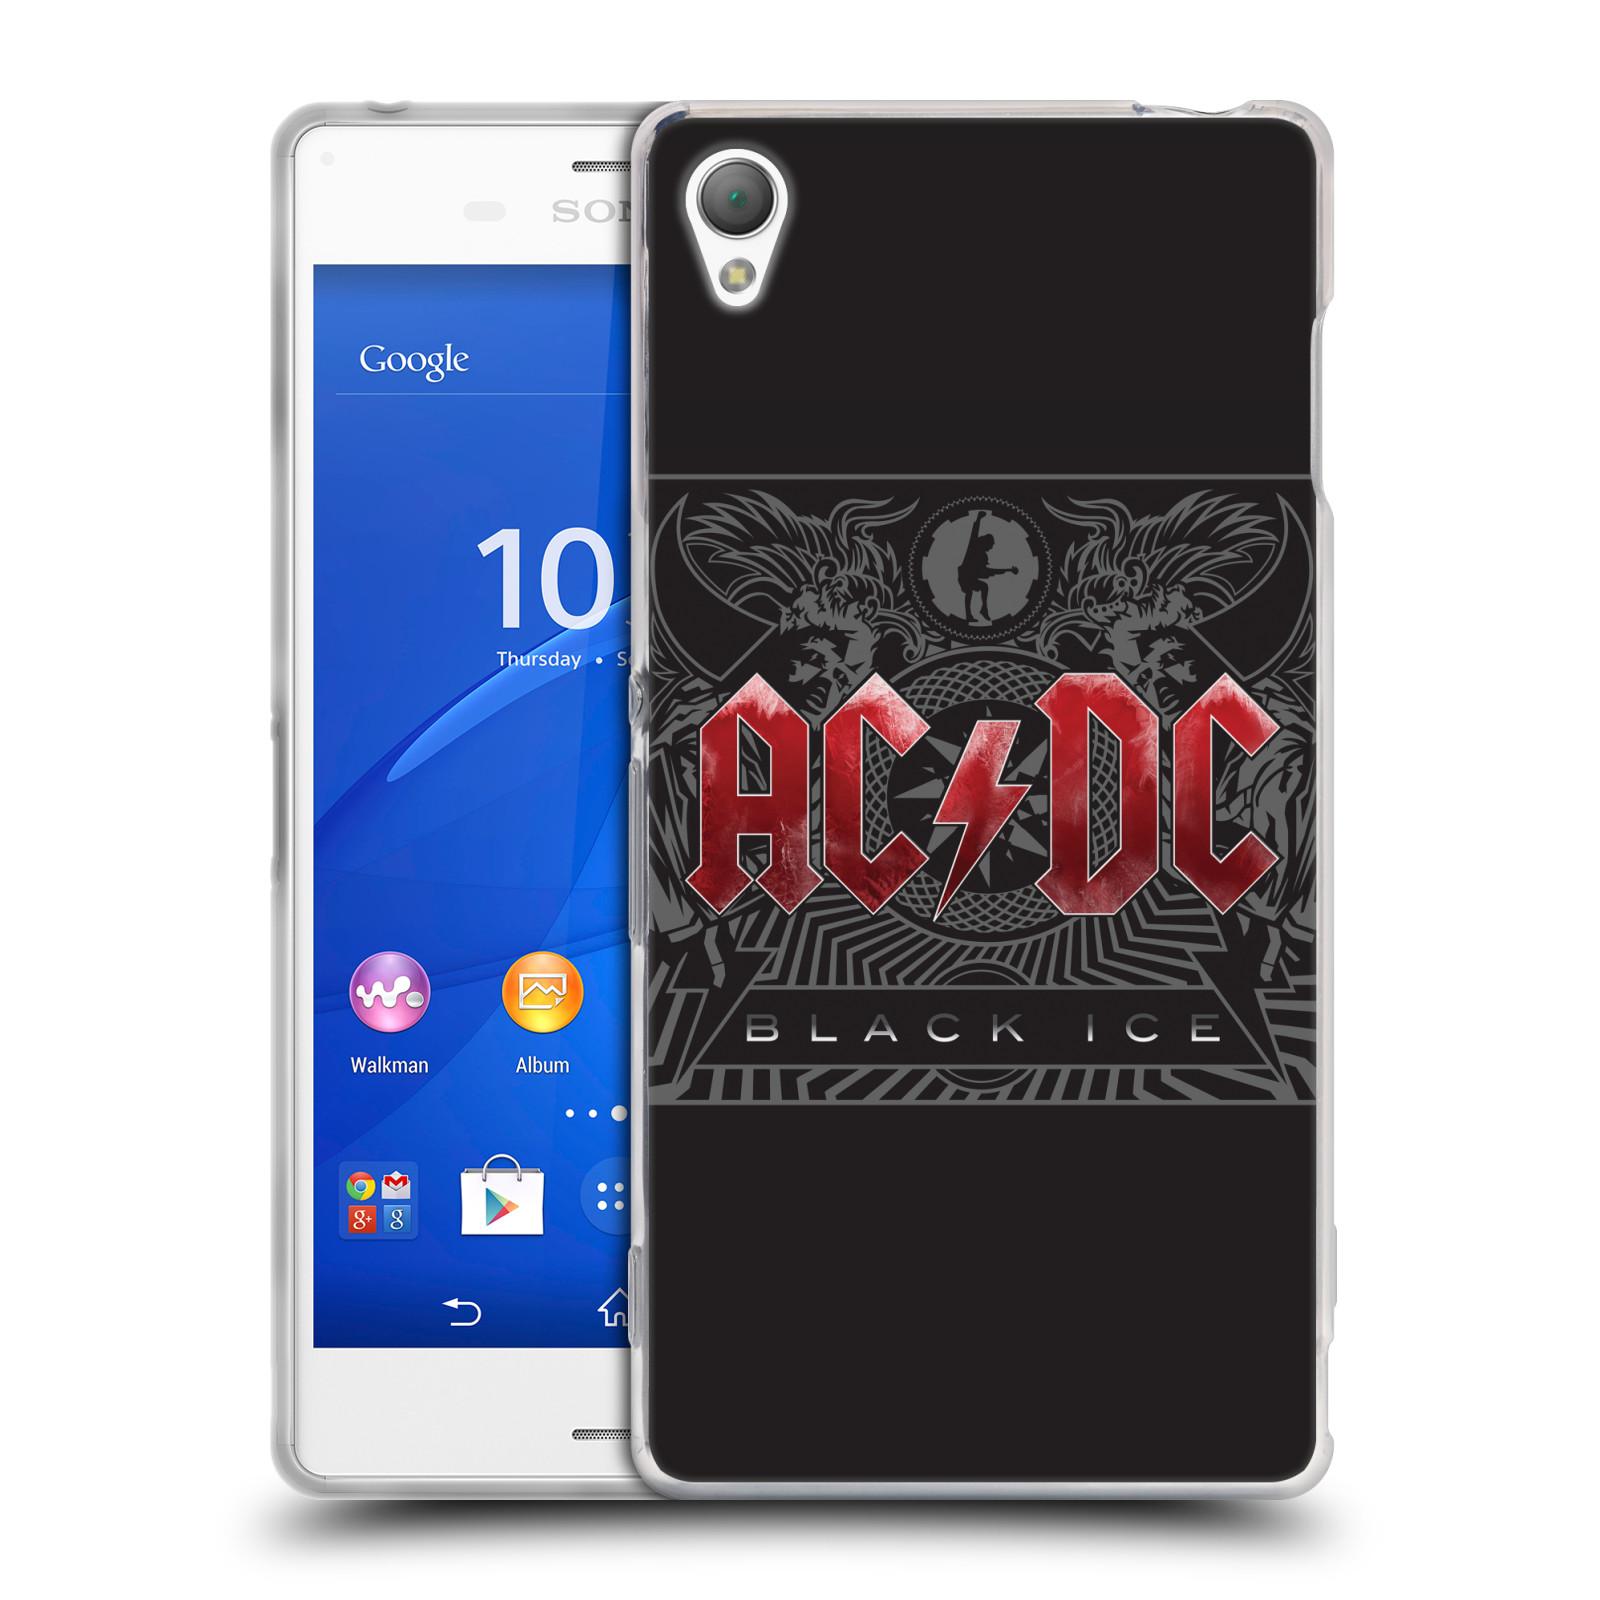 Silikonové pouzdro na mobil Sony Xperia Z3 D6603 HEAD CASE AC/DC Black Ice